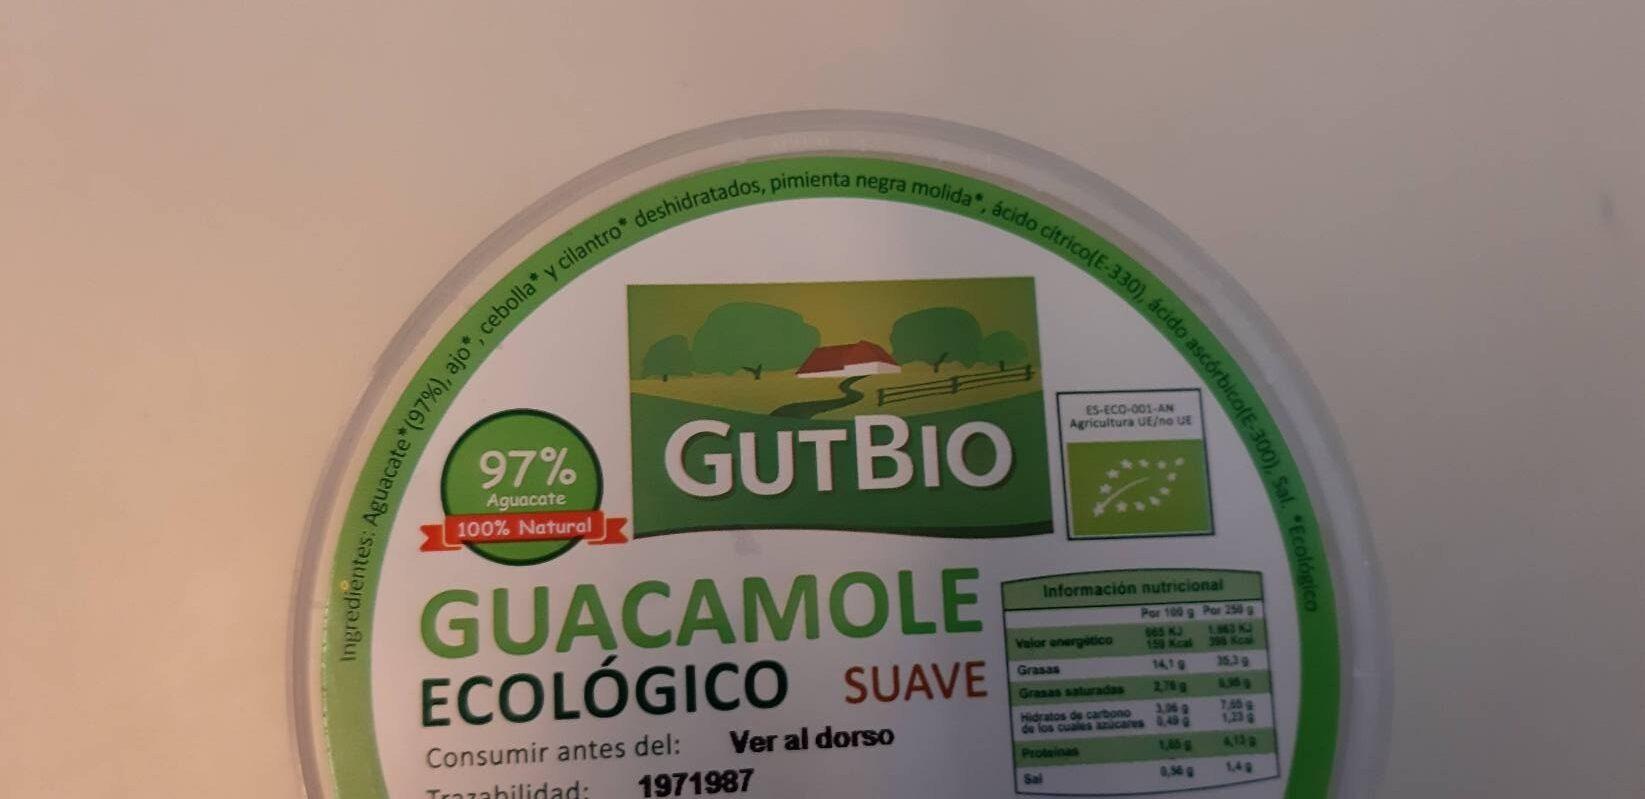 Guacamole ecológico suave - Ingredientes - es